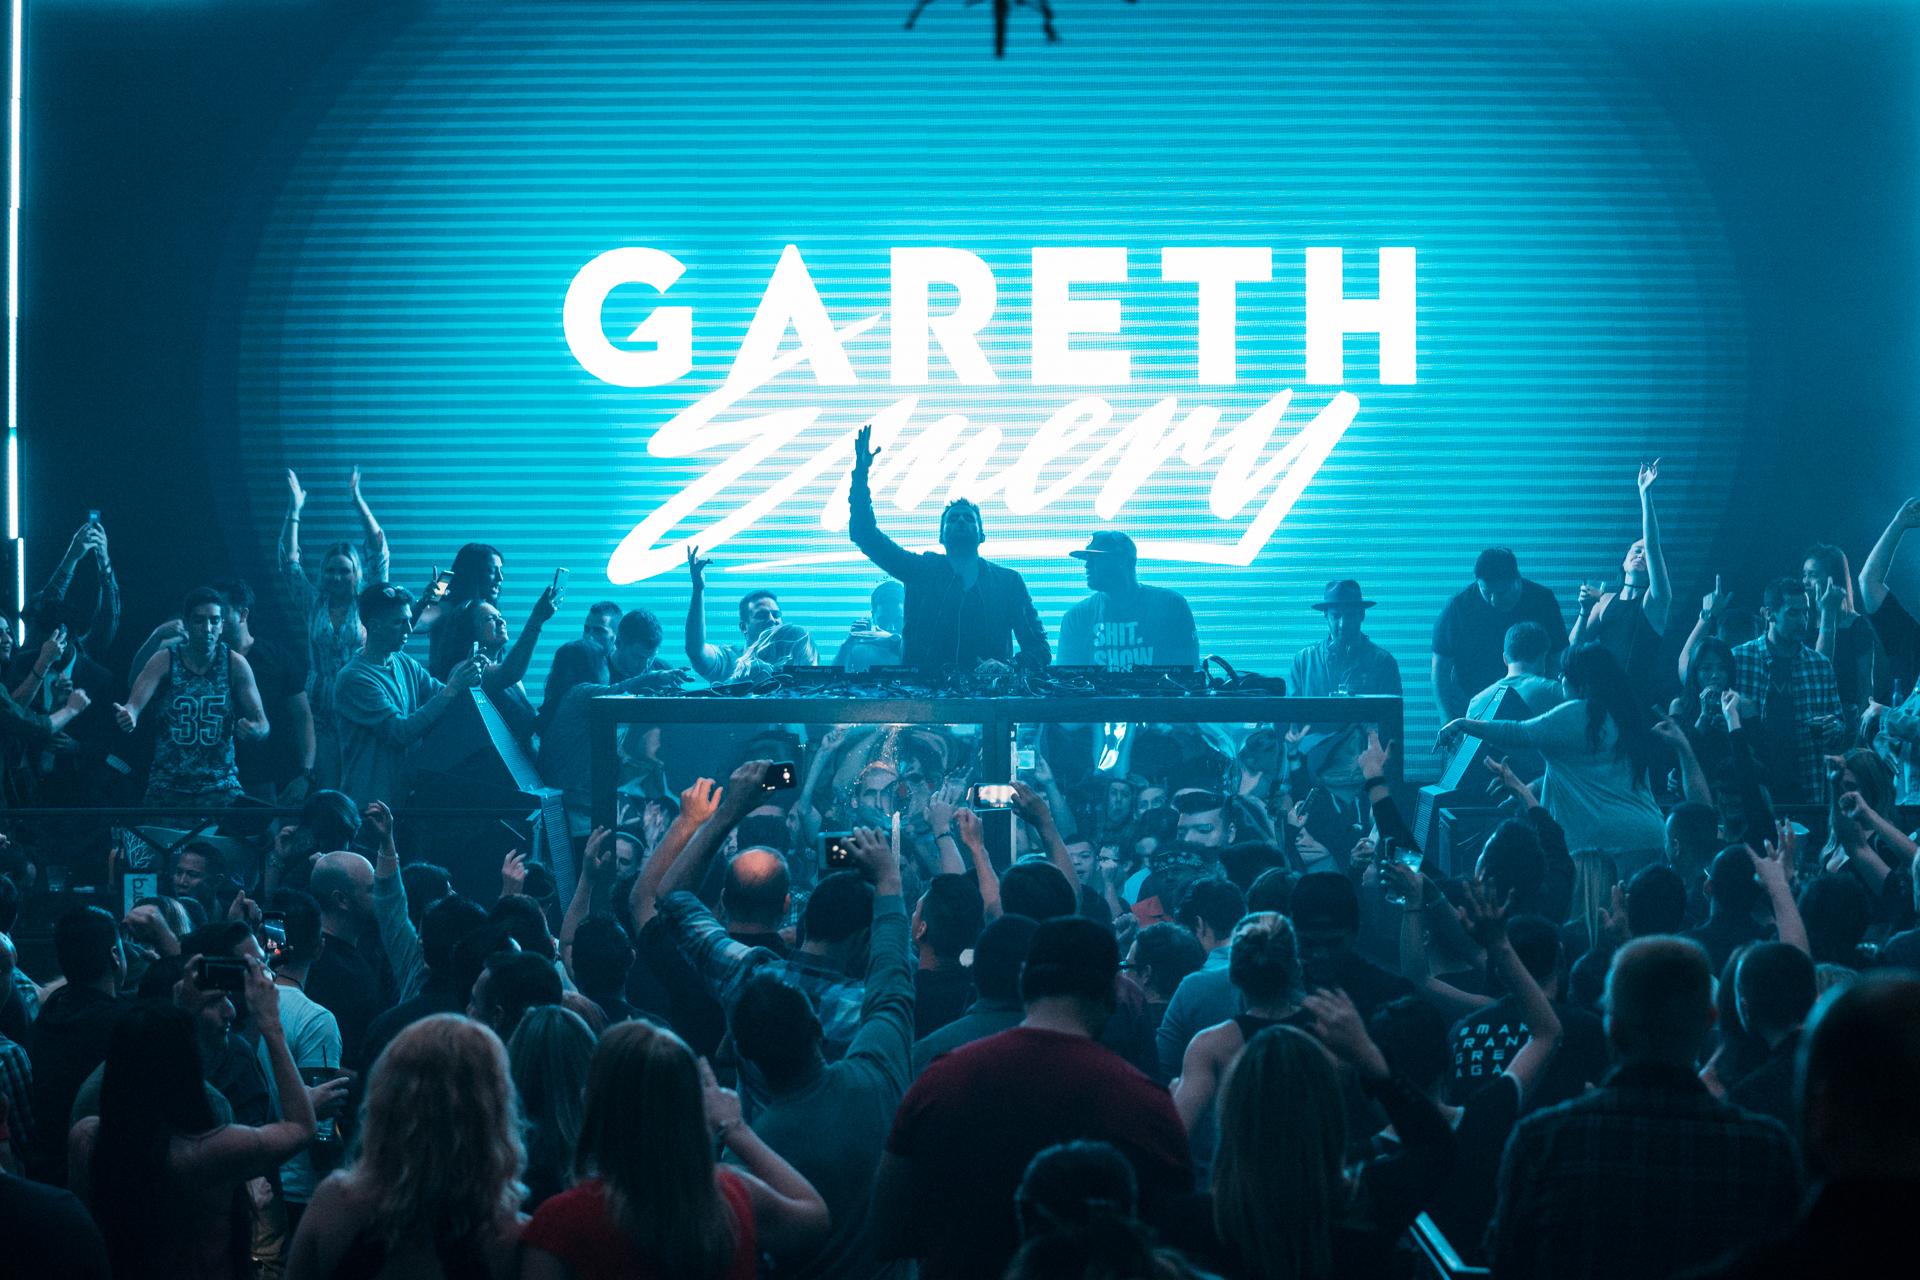 11.12.17 Parq - Gareth Emery--1.jpg